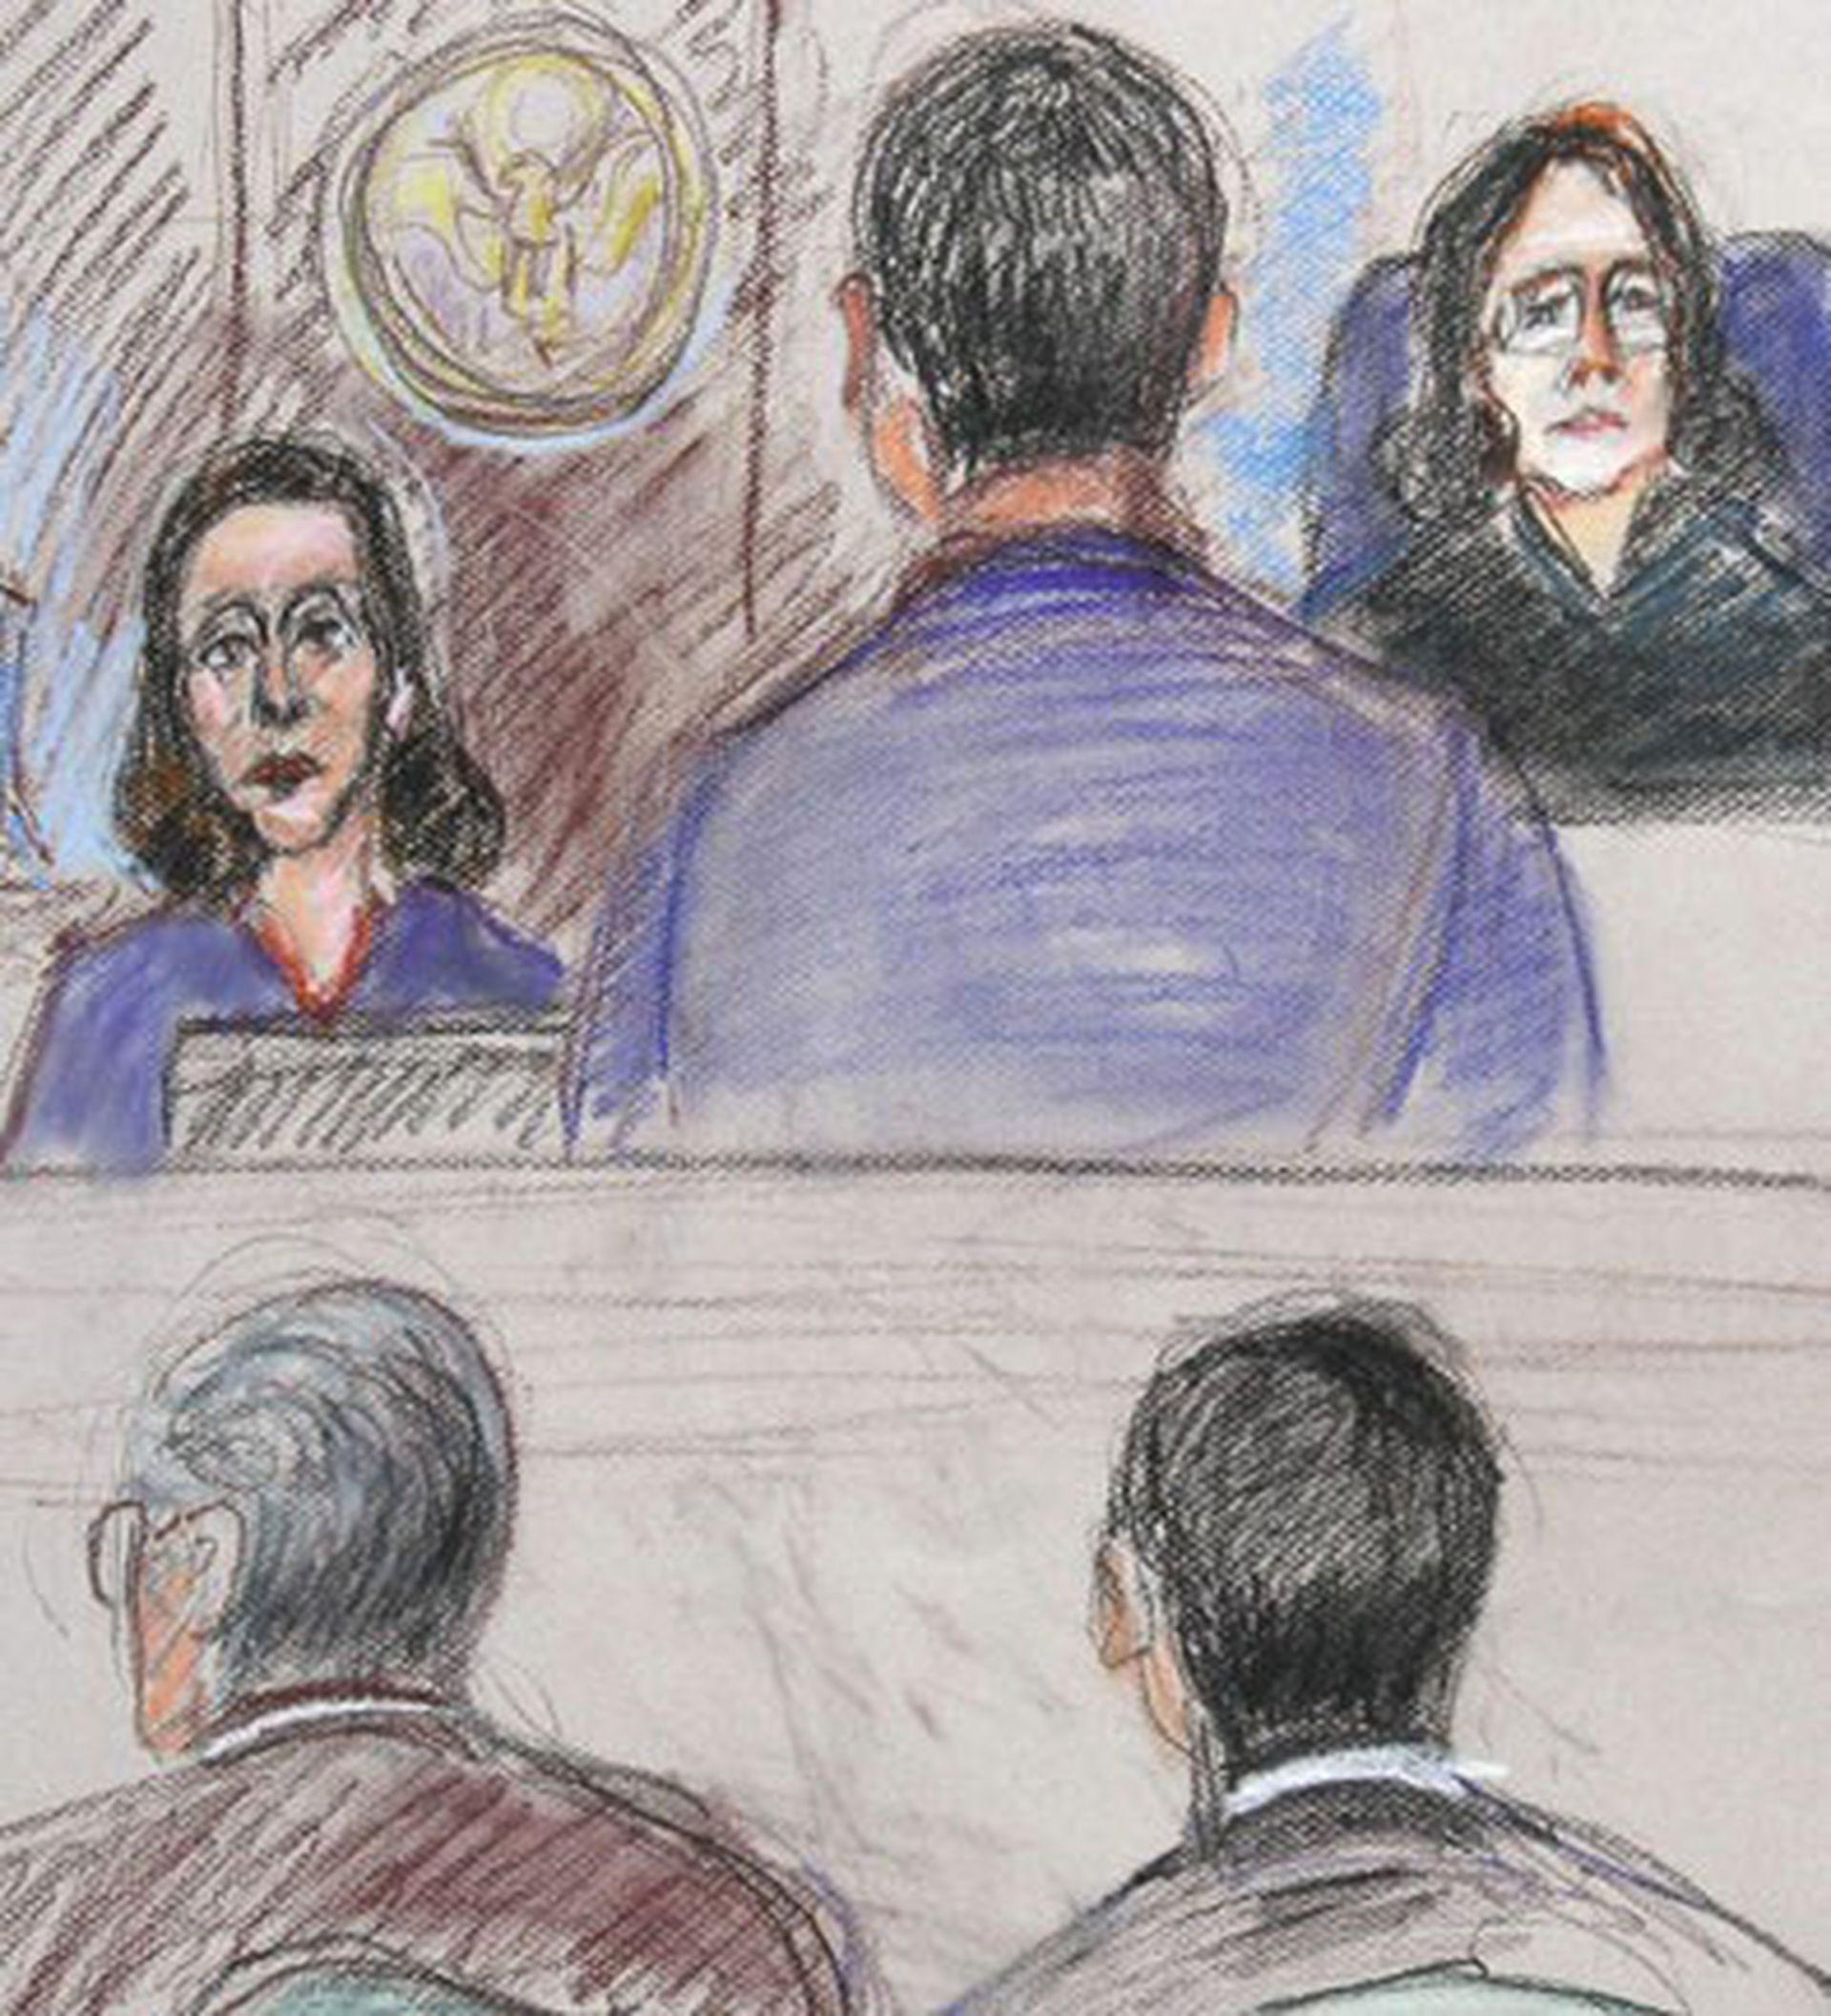 Dibujo de Telpuk declarando en el juicio por el caso Antonini WIlson en Miami